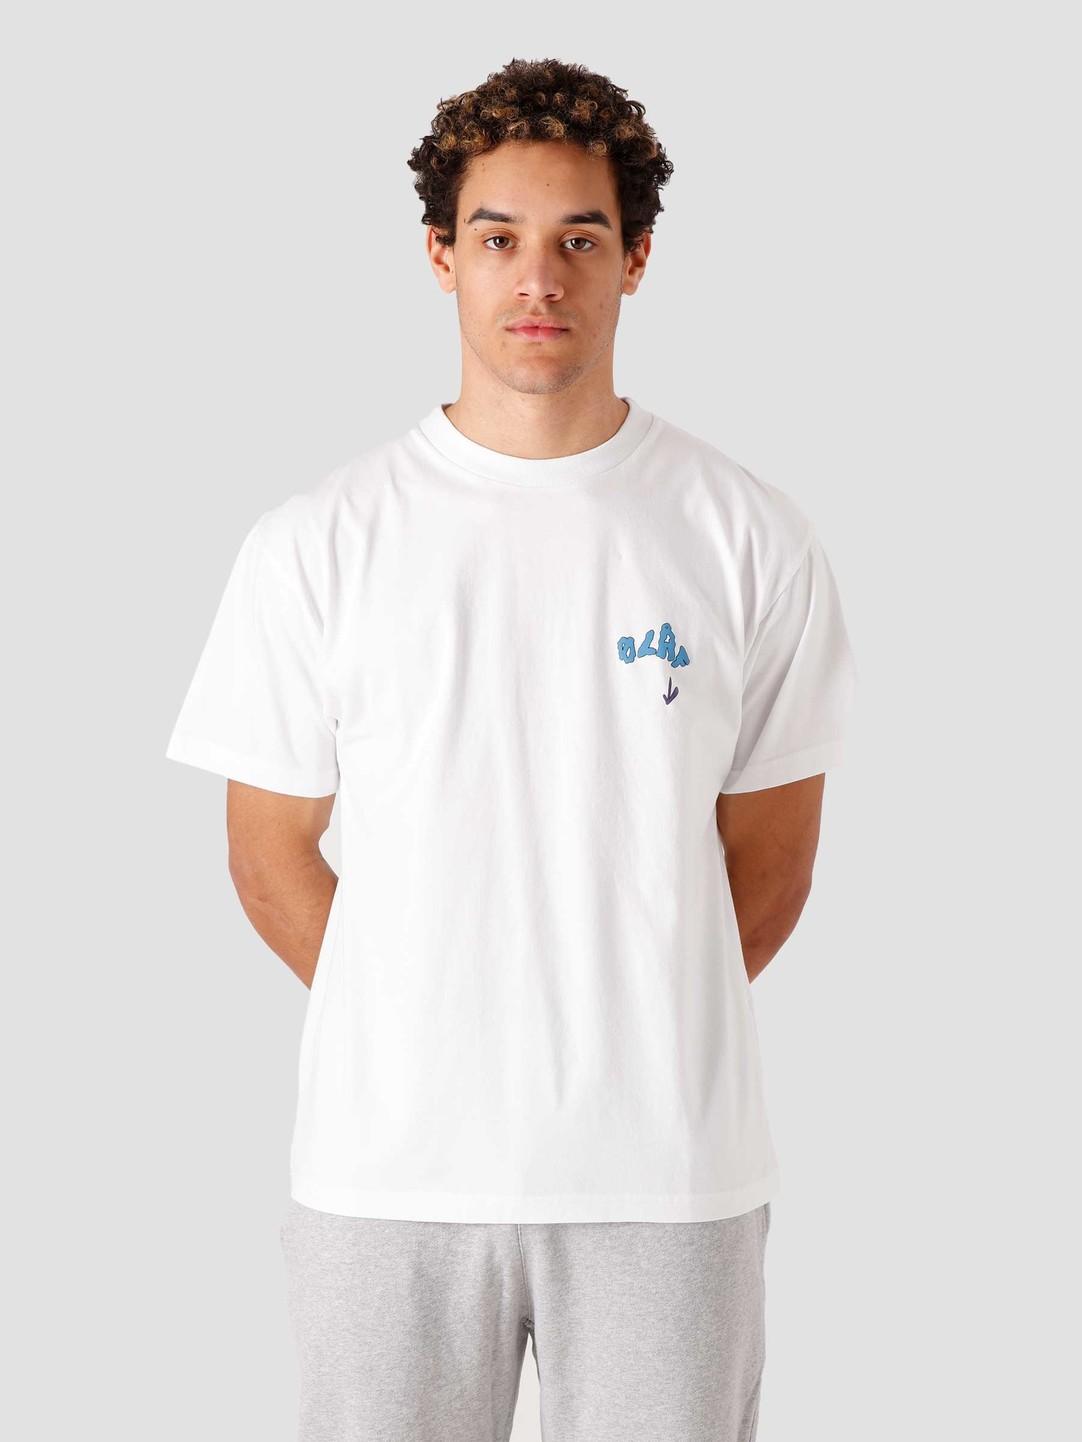 Olaf Hussein Olaf Hussein OLAF Terra T-Shirt White